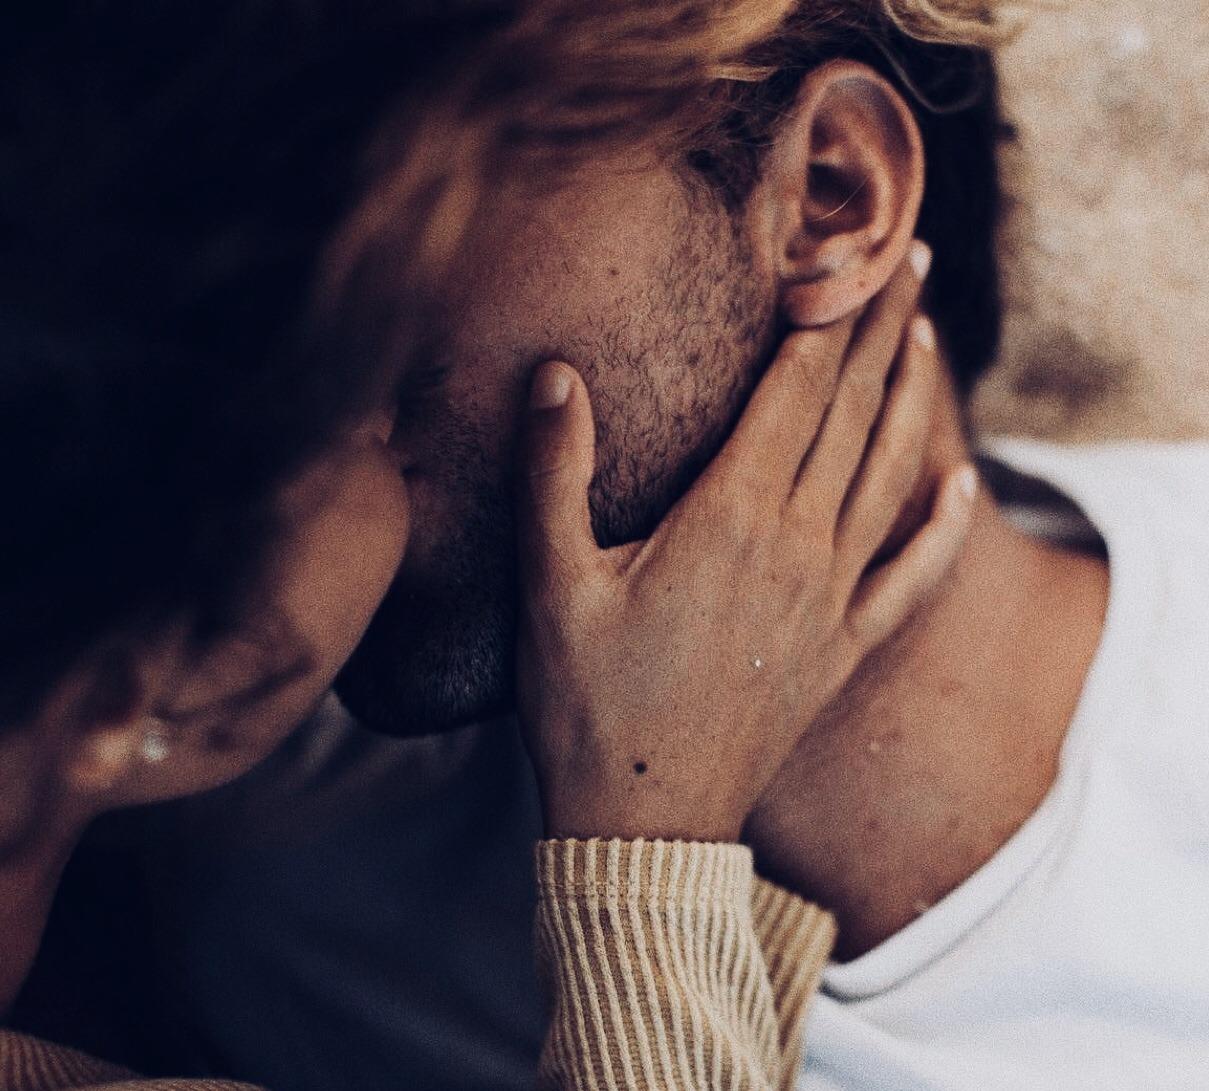 обычные картинки где мужчина целует руку система нескольку